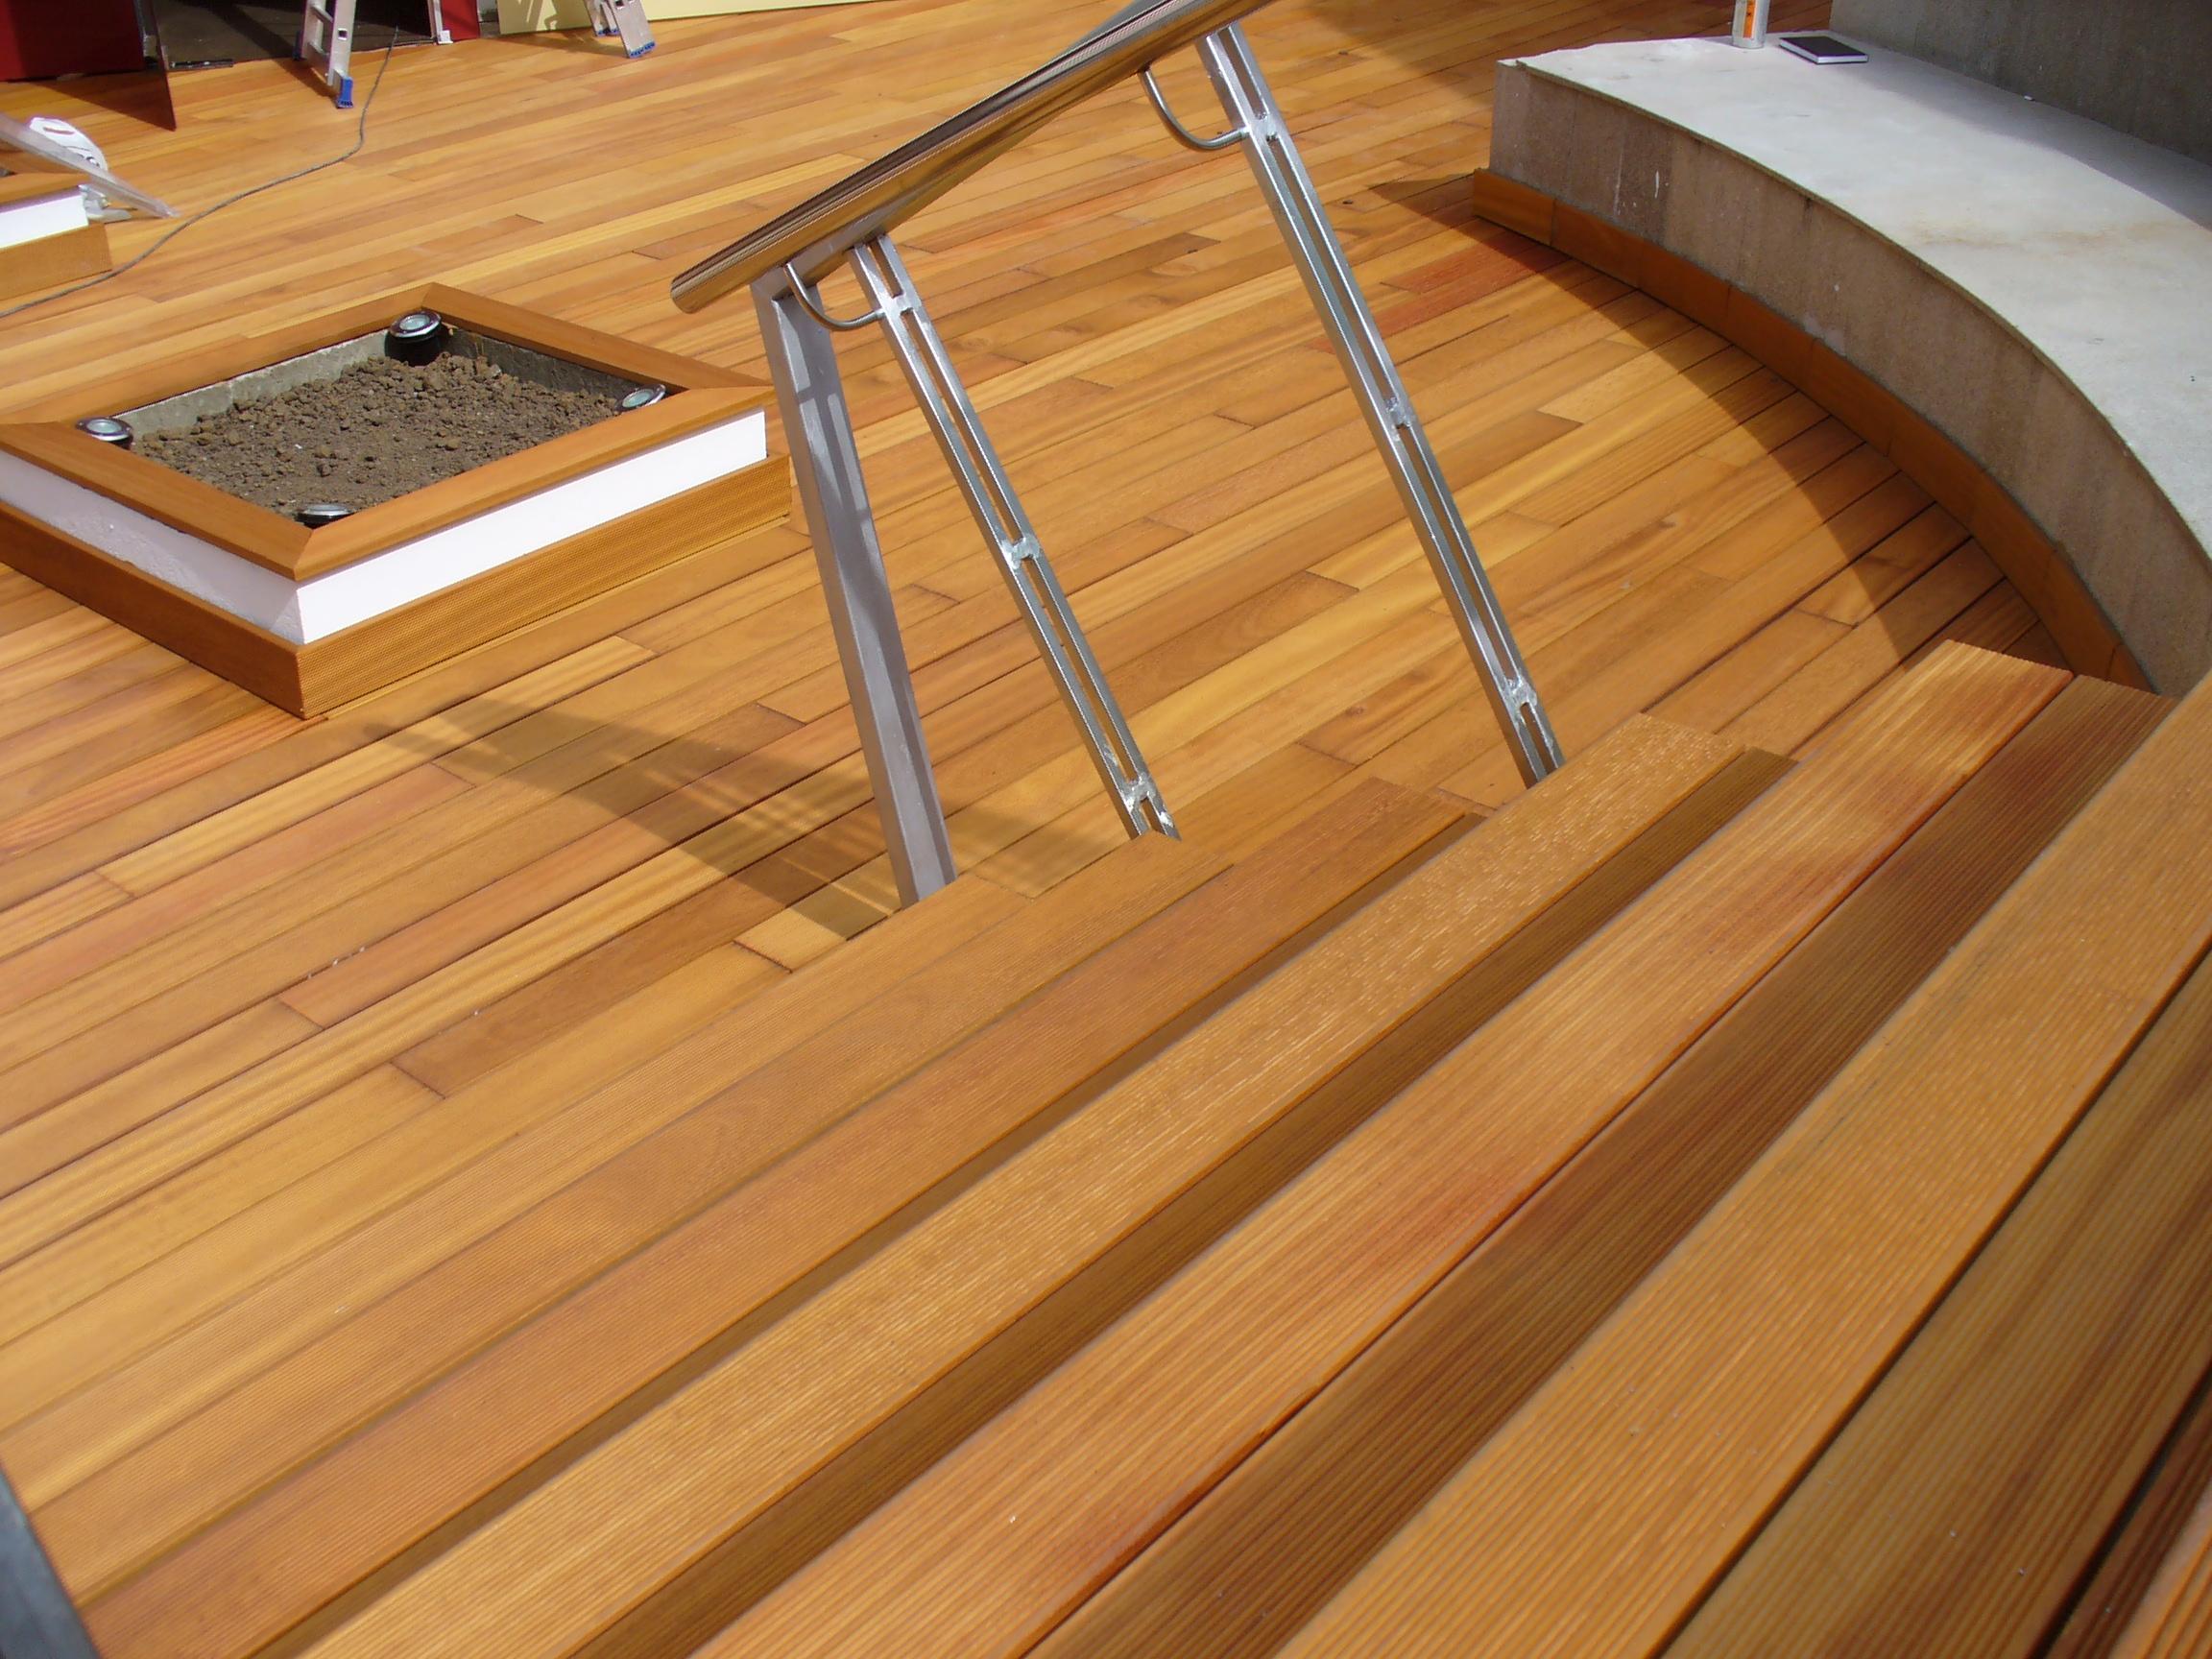 Deck-uri lemn - Guariuba SELVA FLOORS - Poza 43